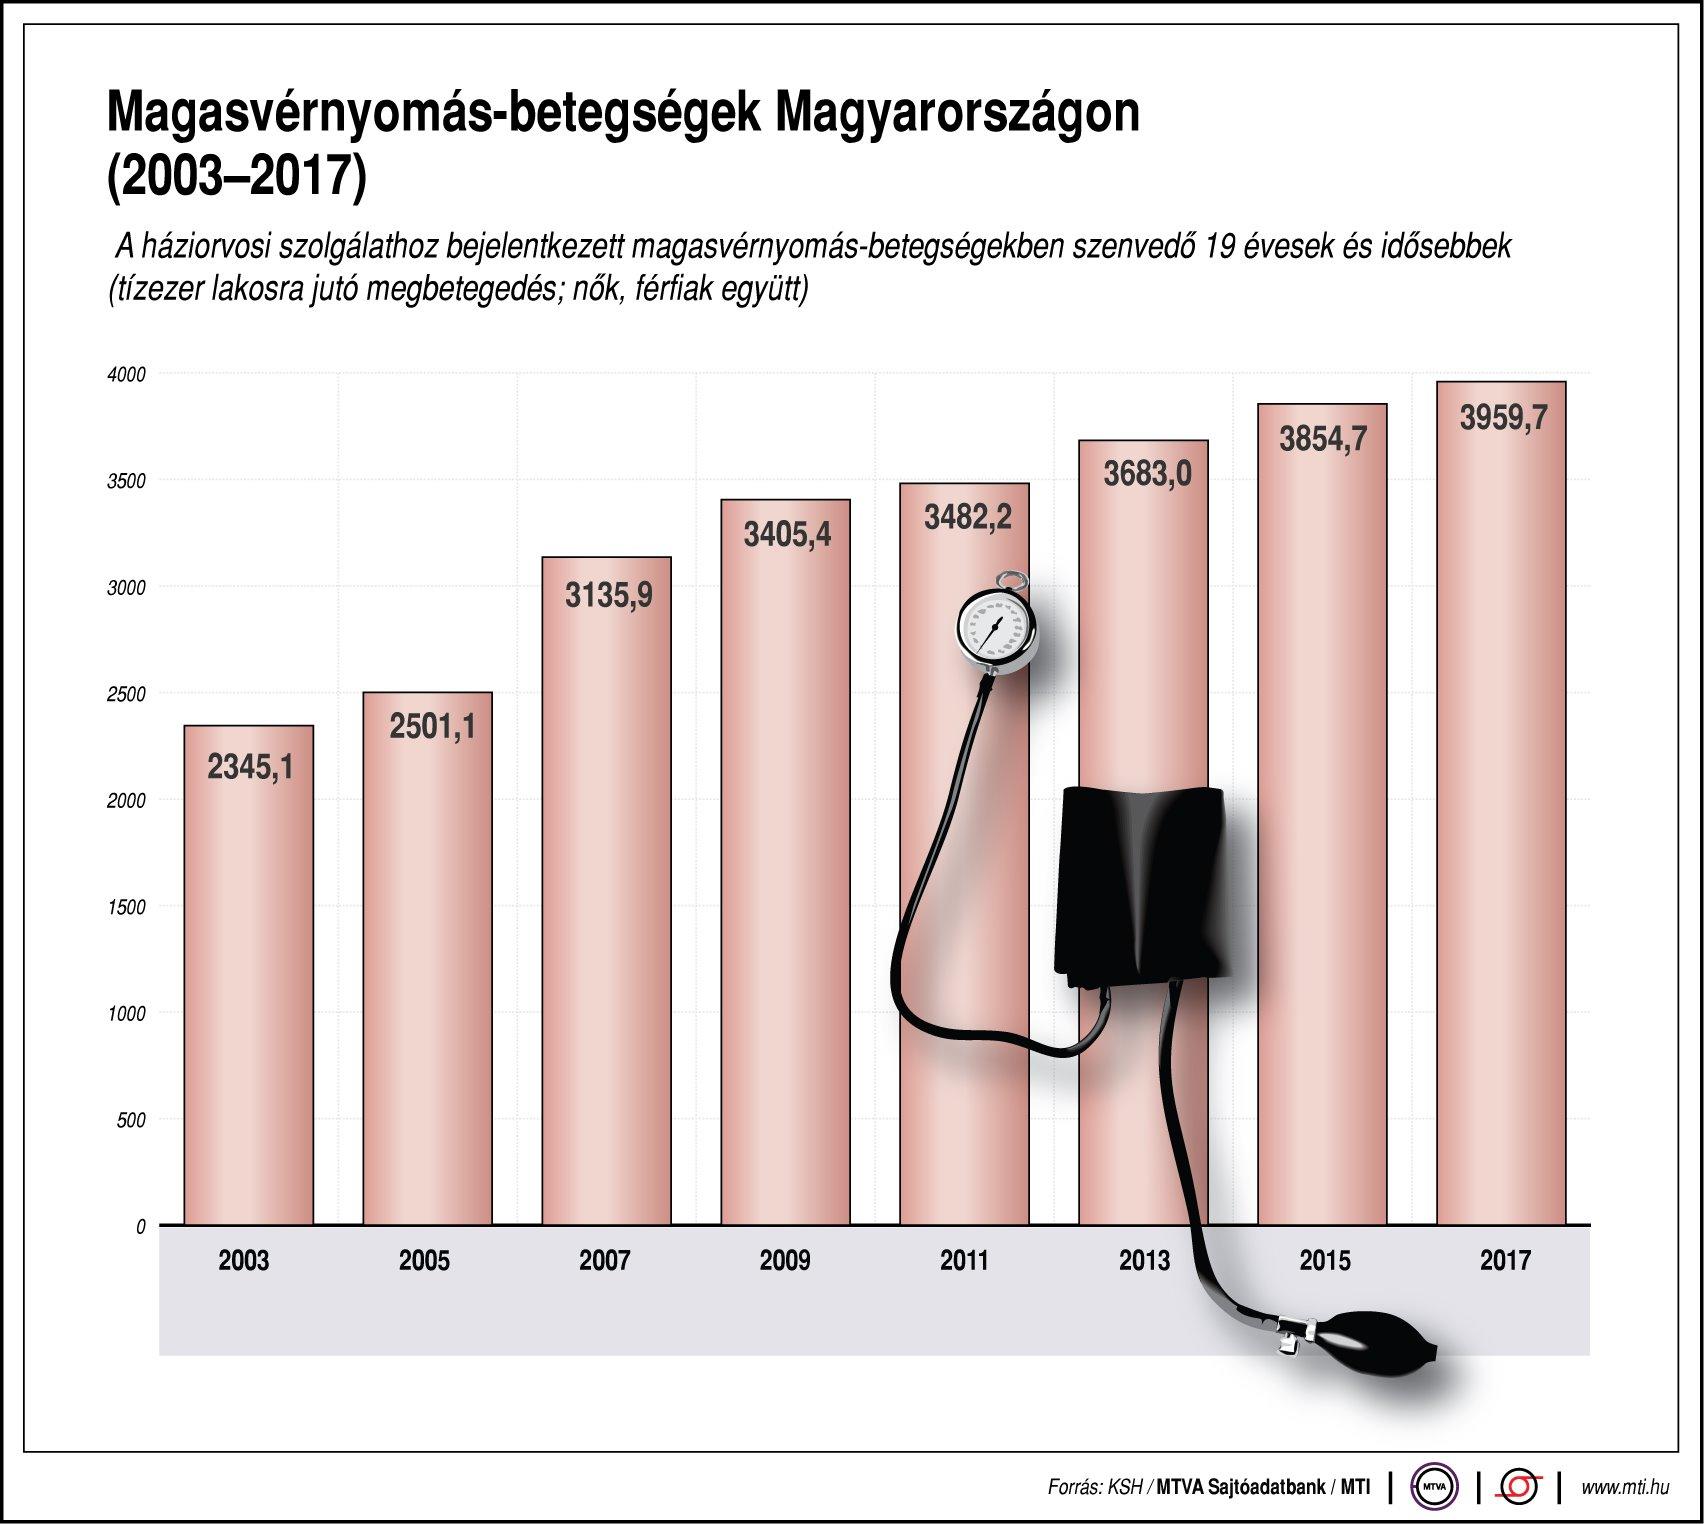 magas vérnyomás a mechanizmus által